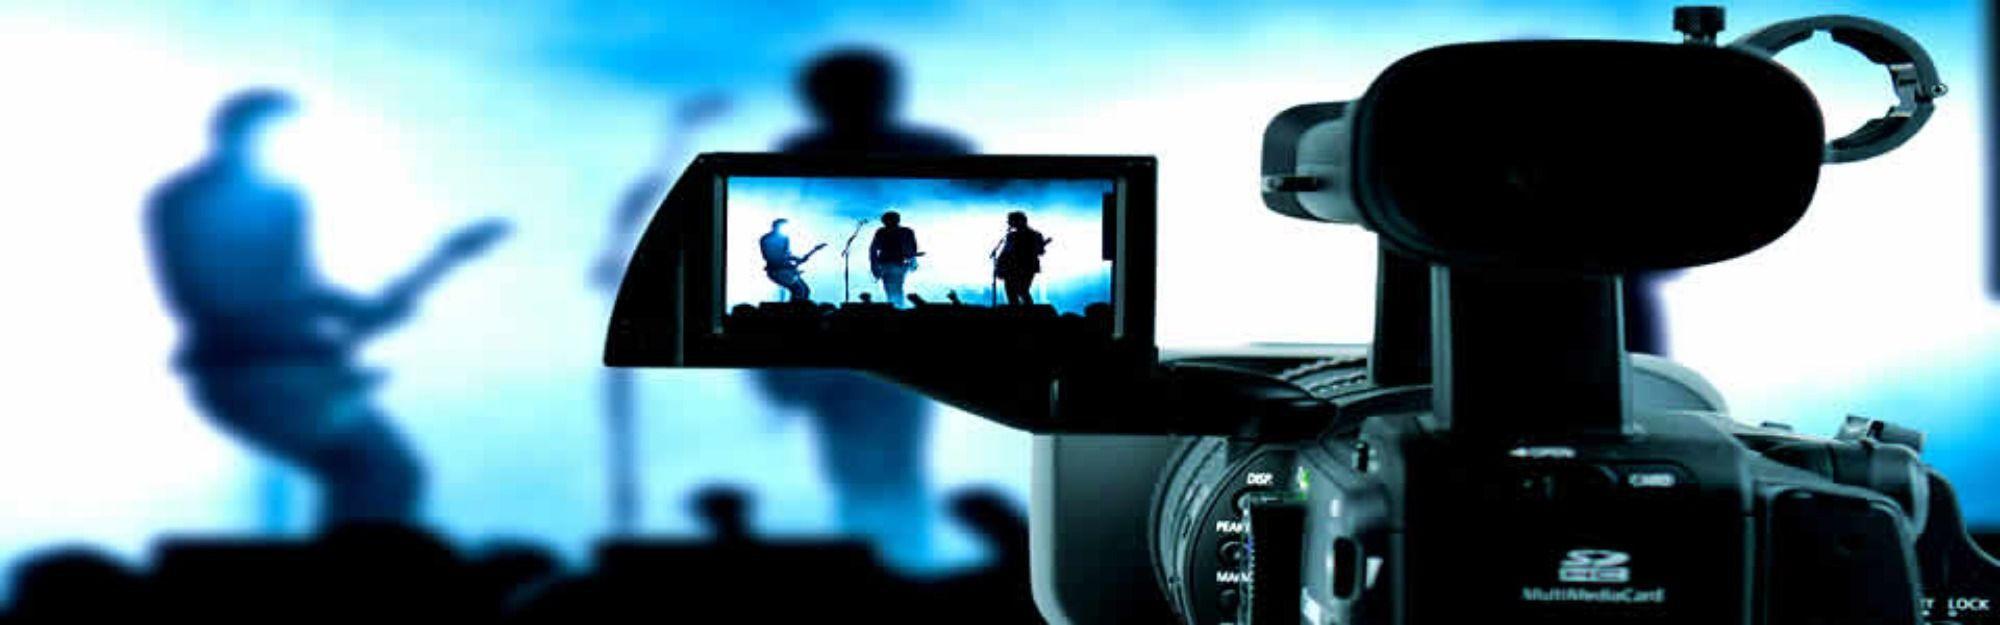 ¿Qué prefieres en el campo audiovisual?